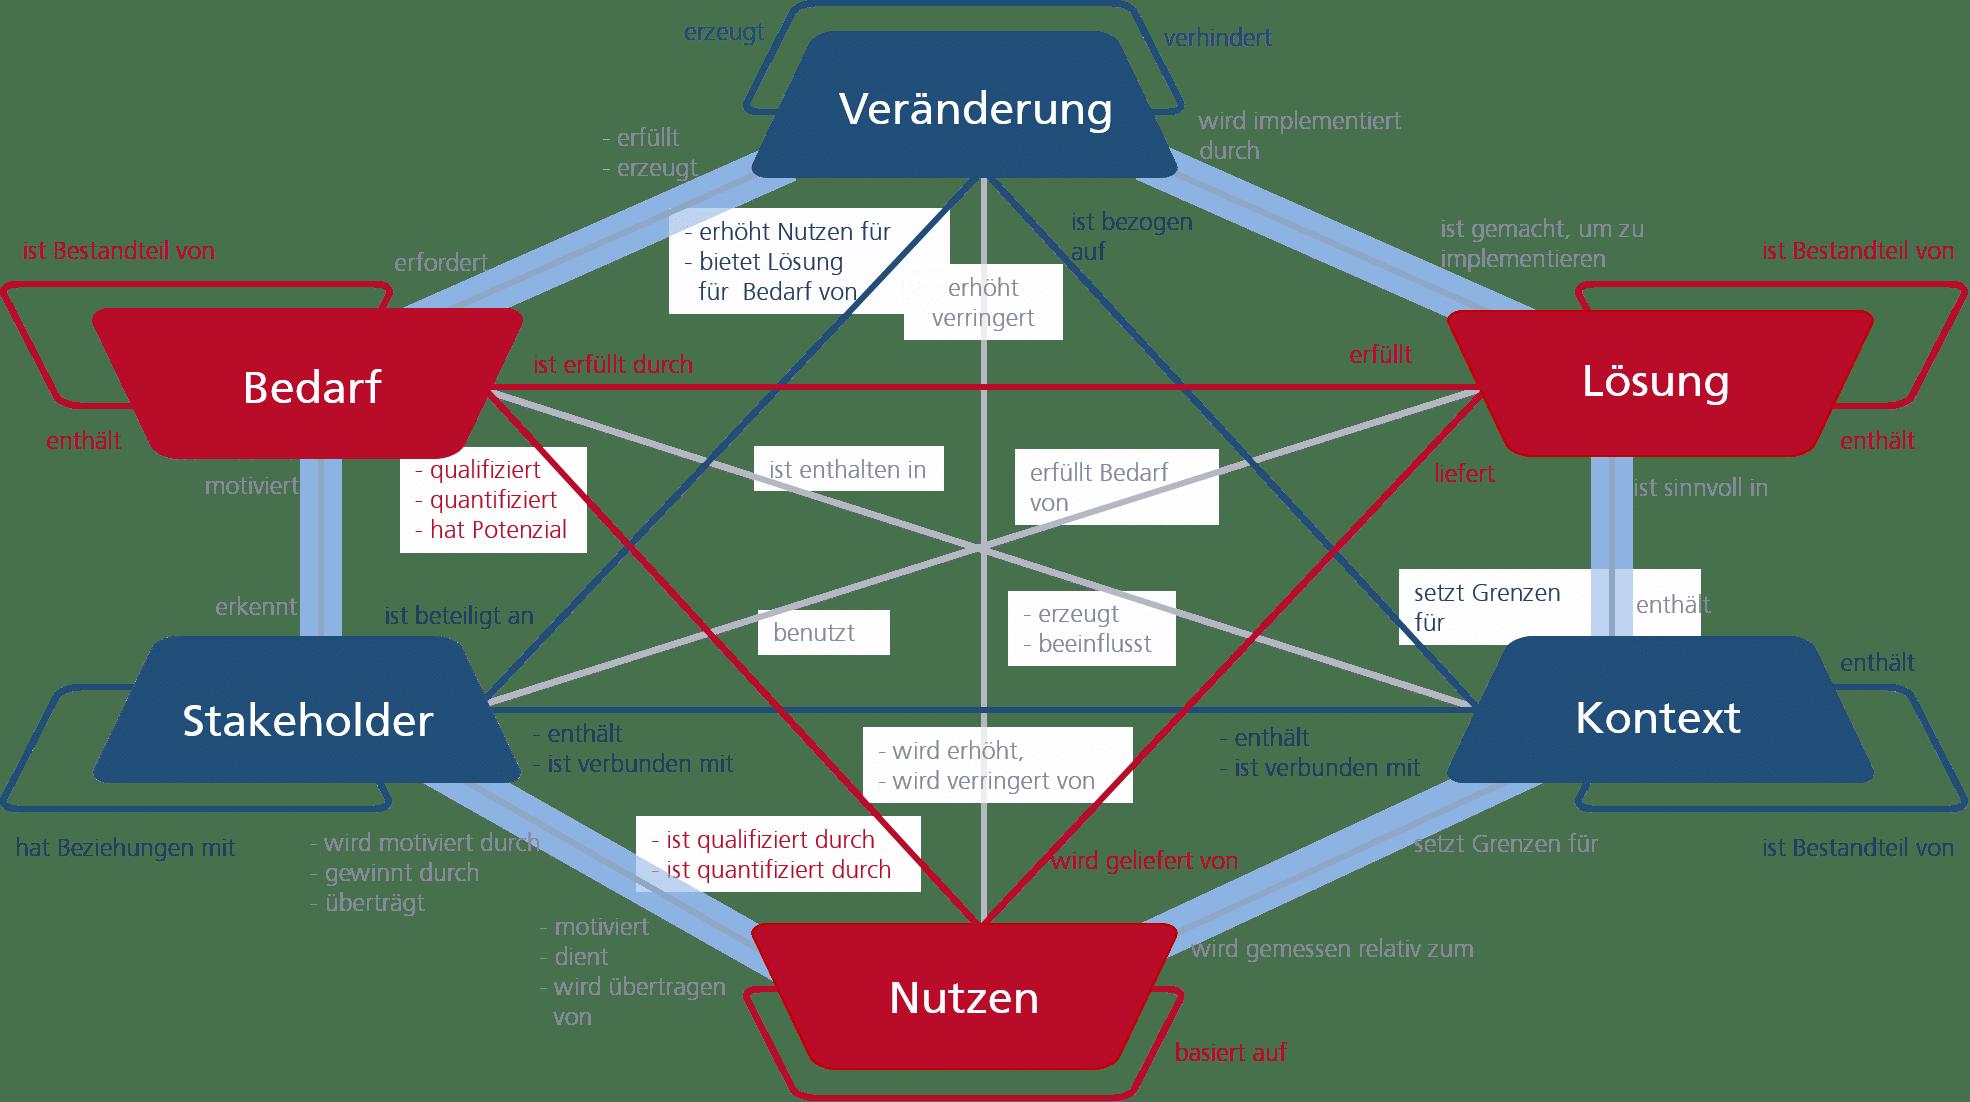 Kernelemente der Business Analyse und ihre Beziehungen zueinander